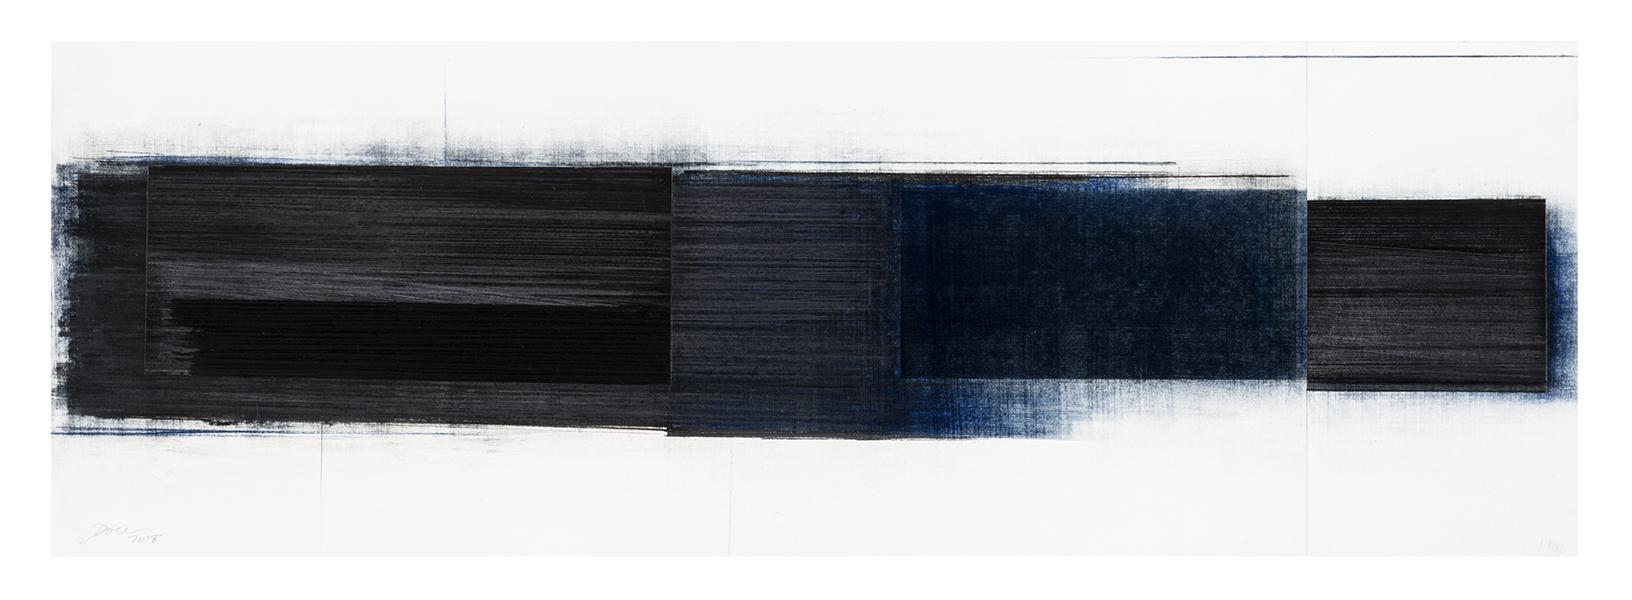 Séquence I  (2018)   Fusain, graphite et pastel sur papier, 32 x 101 cm, collection de l'artiste. photo : Richard-Max Tremblay